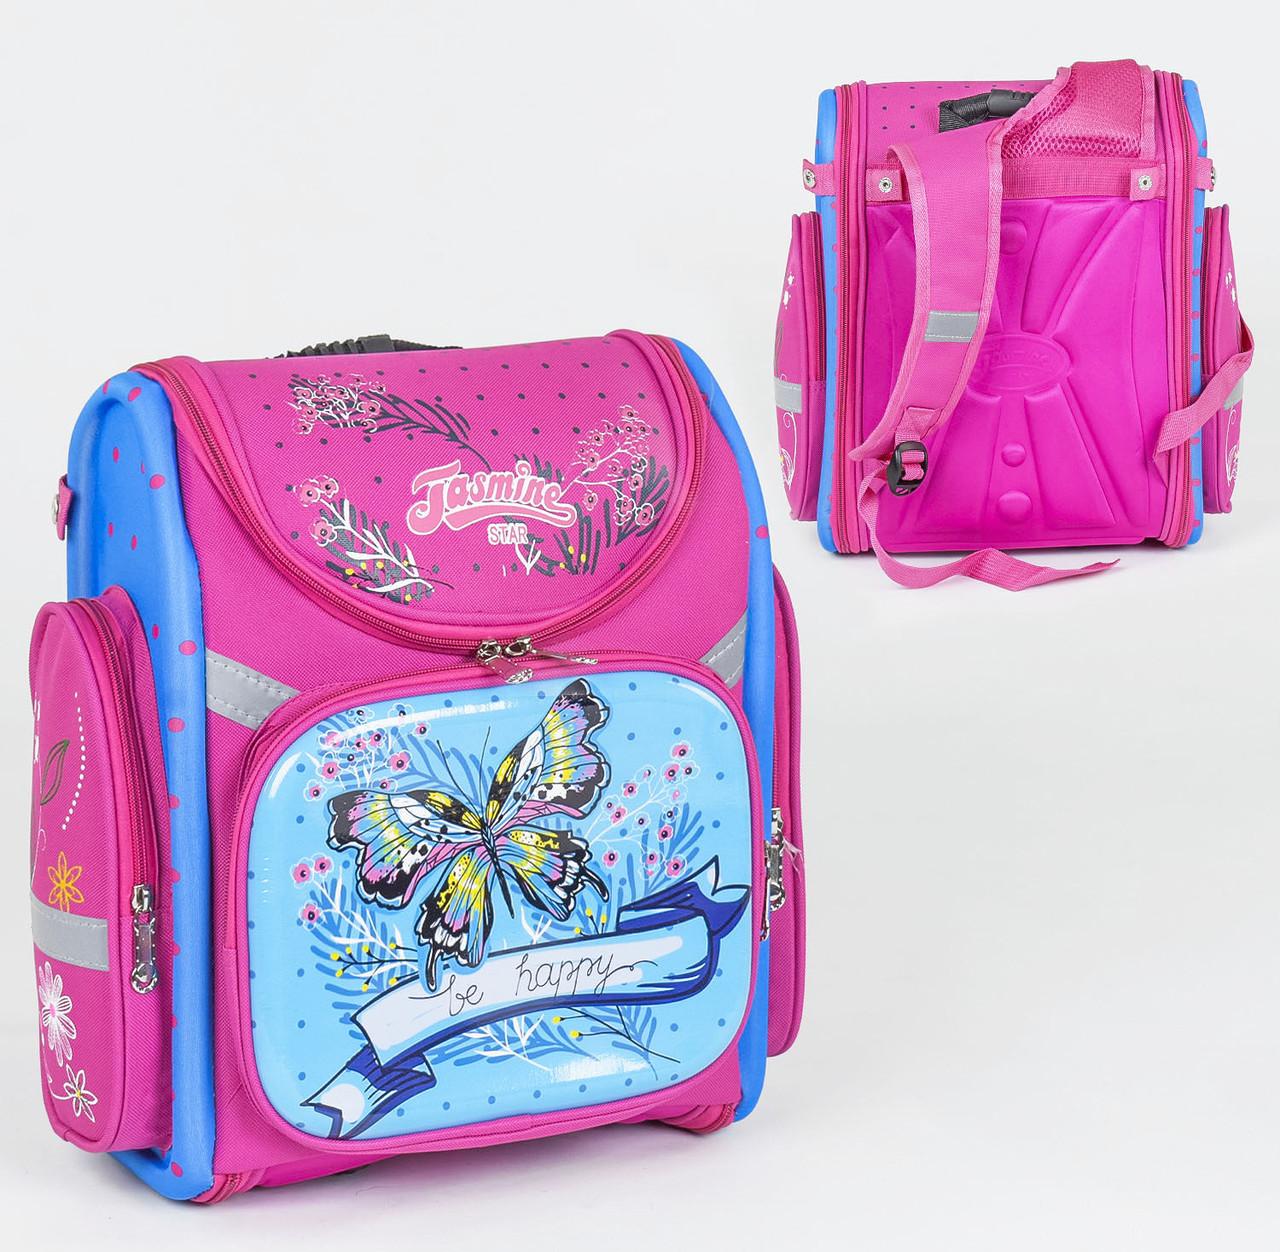 Рюкзак шкільний каркасний 1 відділення, 3 кишені, ортопедична спинка, 3D принт.